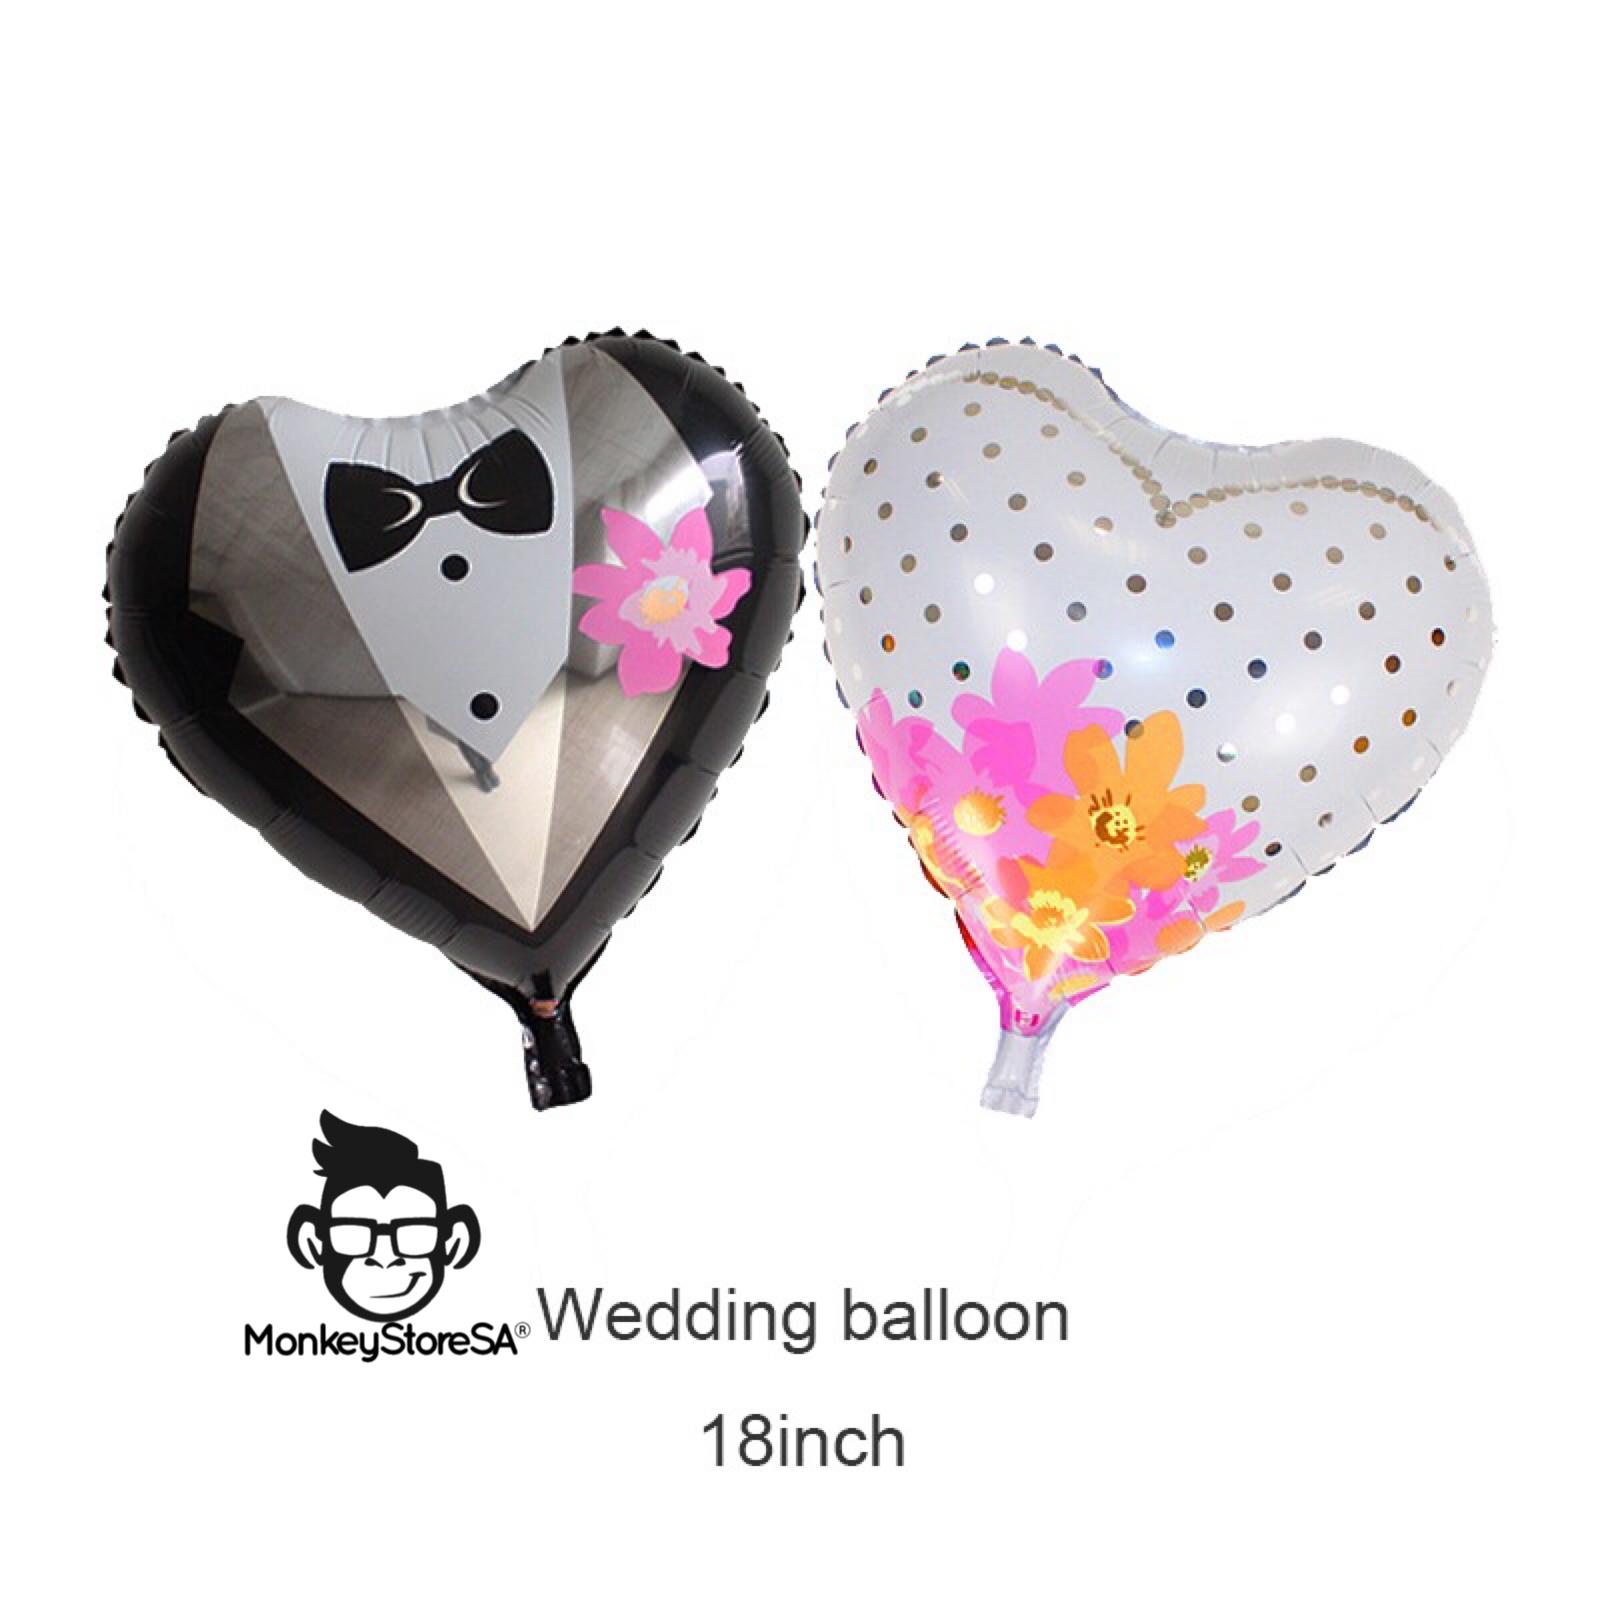 بالونه هيليوم سعر الحبه ٢٠ ريال شامل النفخ Helium Balloons Balloons Helium